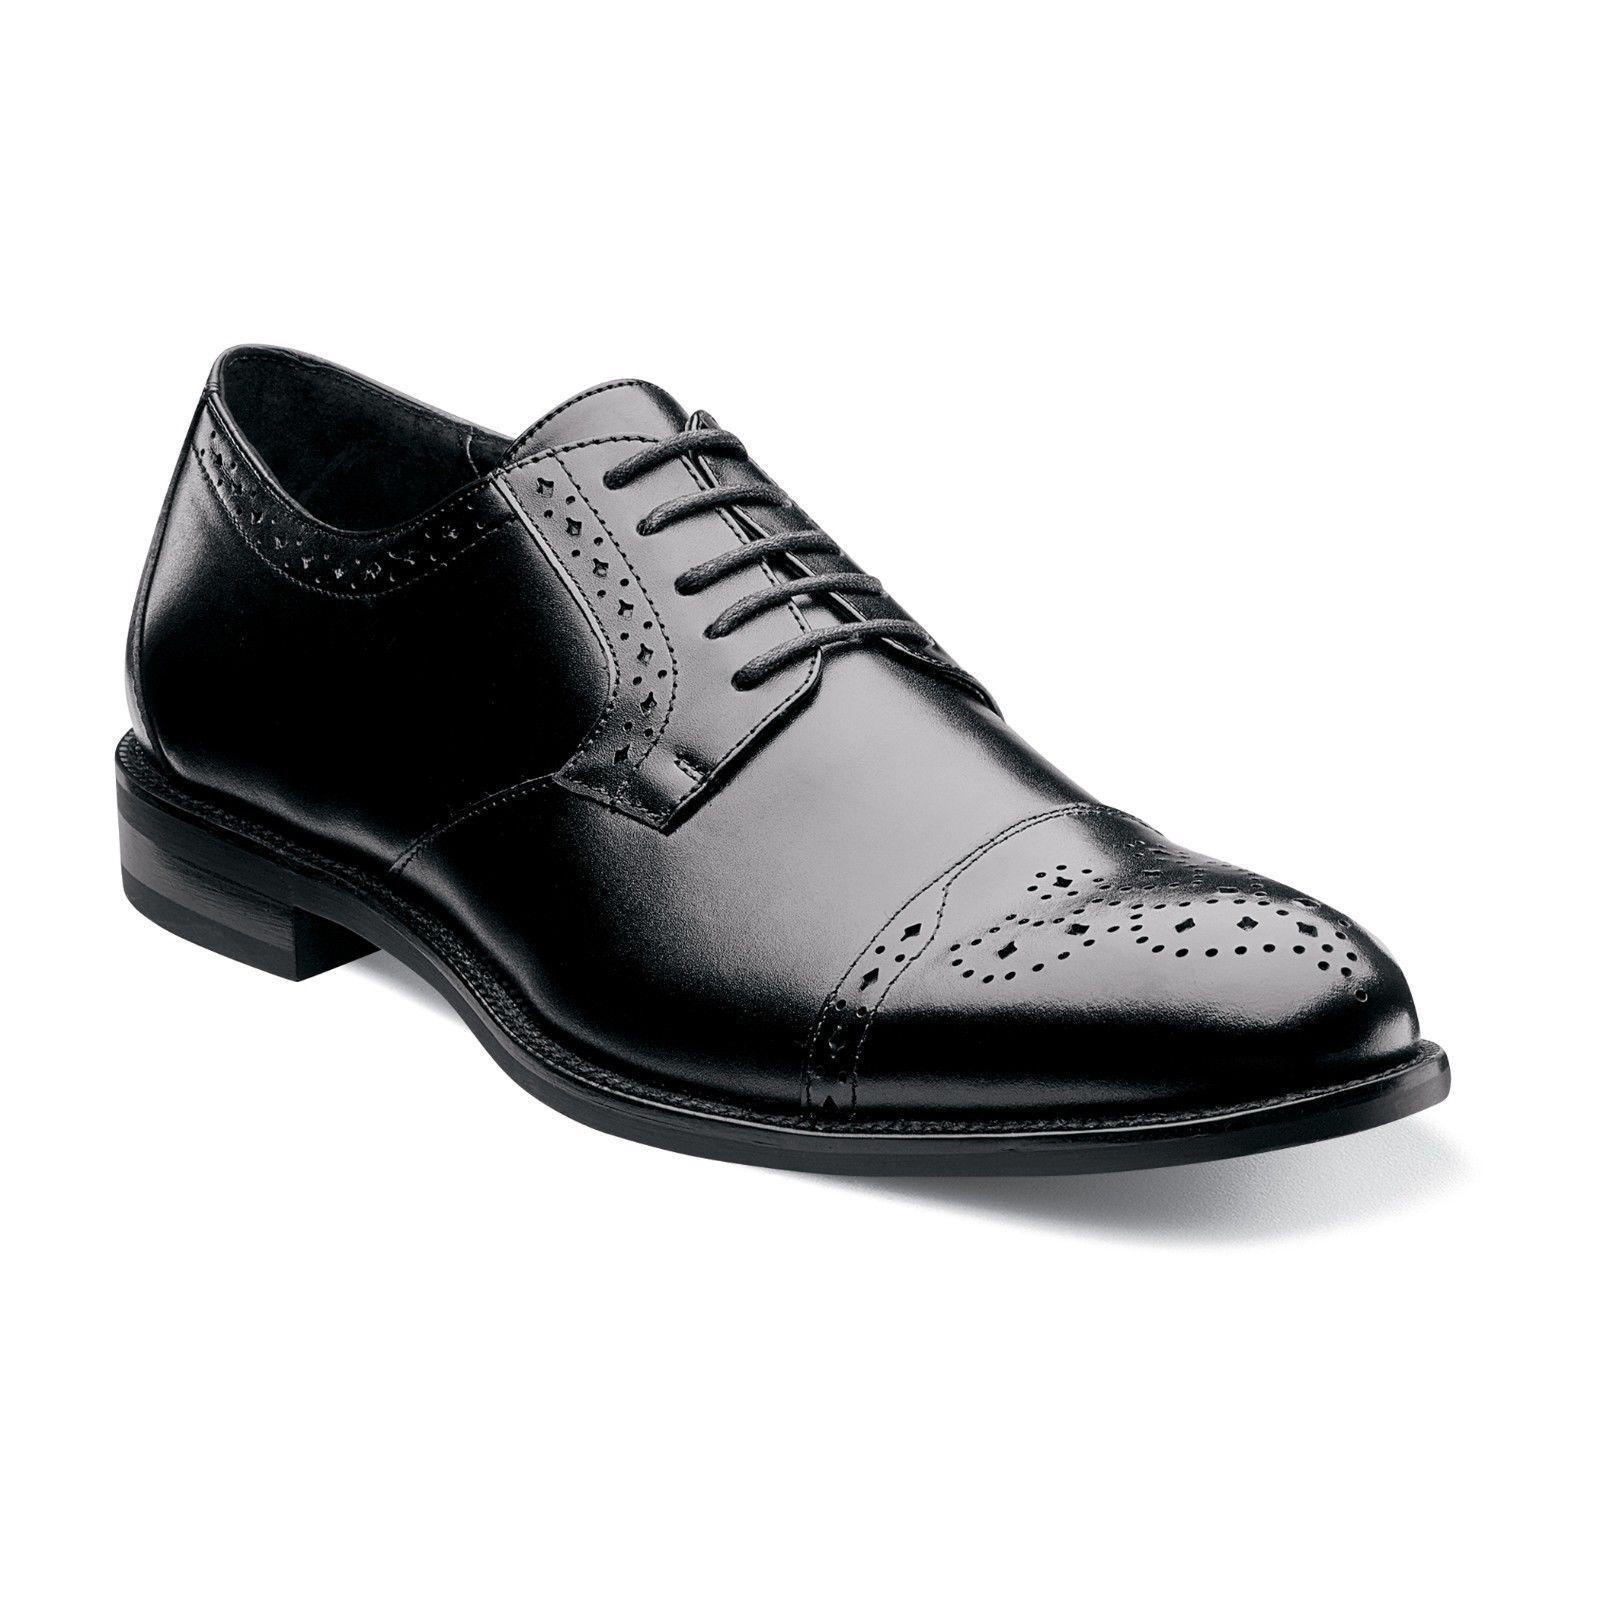 Stacy Adams Para Hombre Negro Granville de cuero de la puntera Oxford De Encaje Moda Zapato de vestido